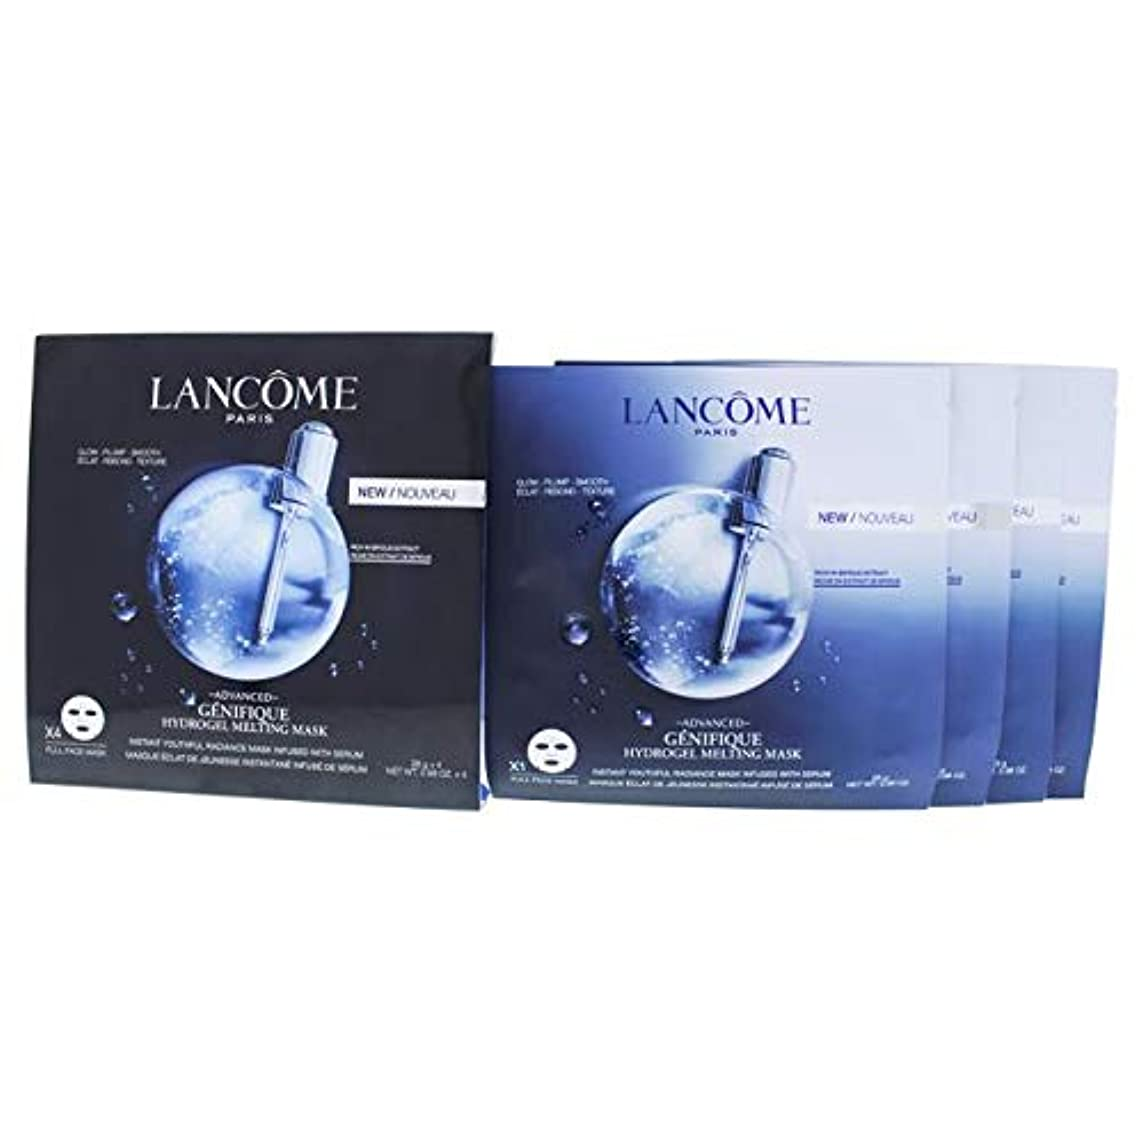 決定的代表してプレミアムランコム Genifique Advanced Hydrogel Melting Mask 4sheets並行輸入品